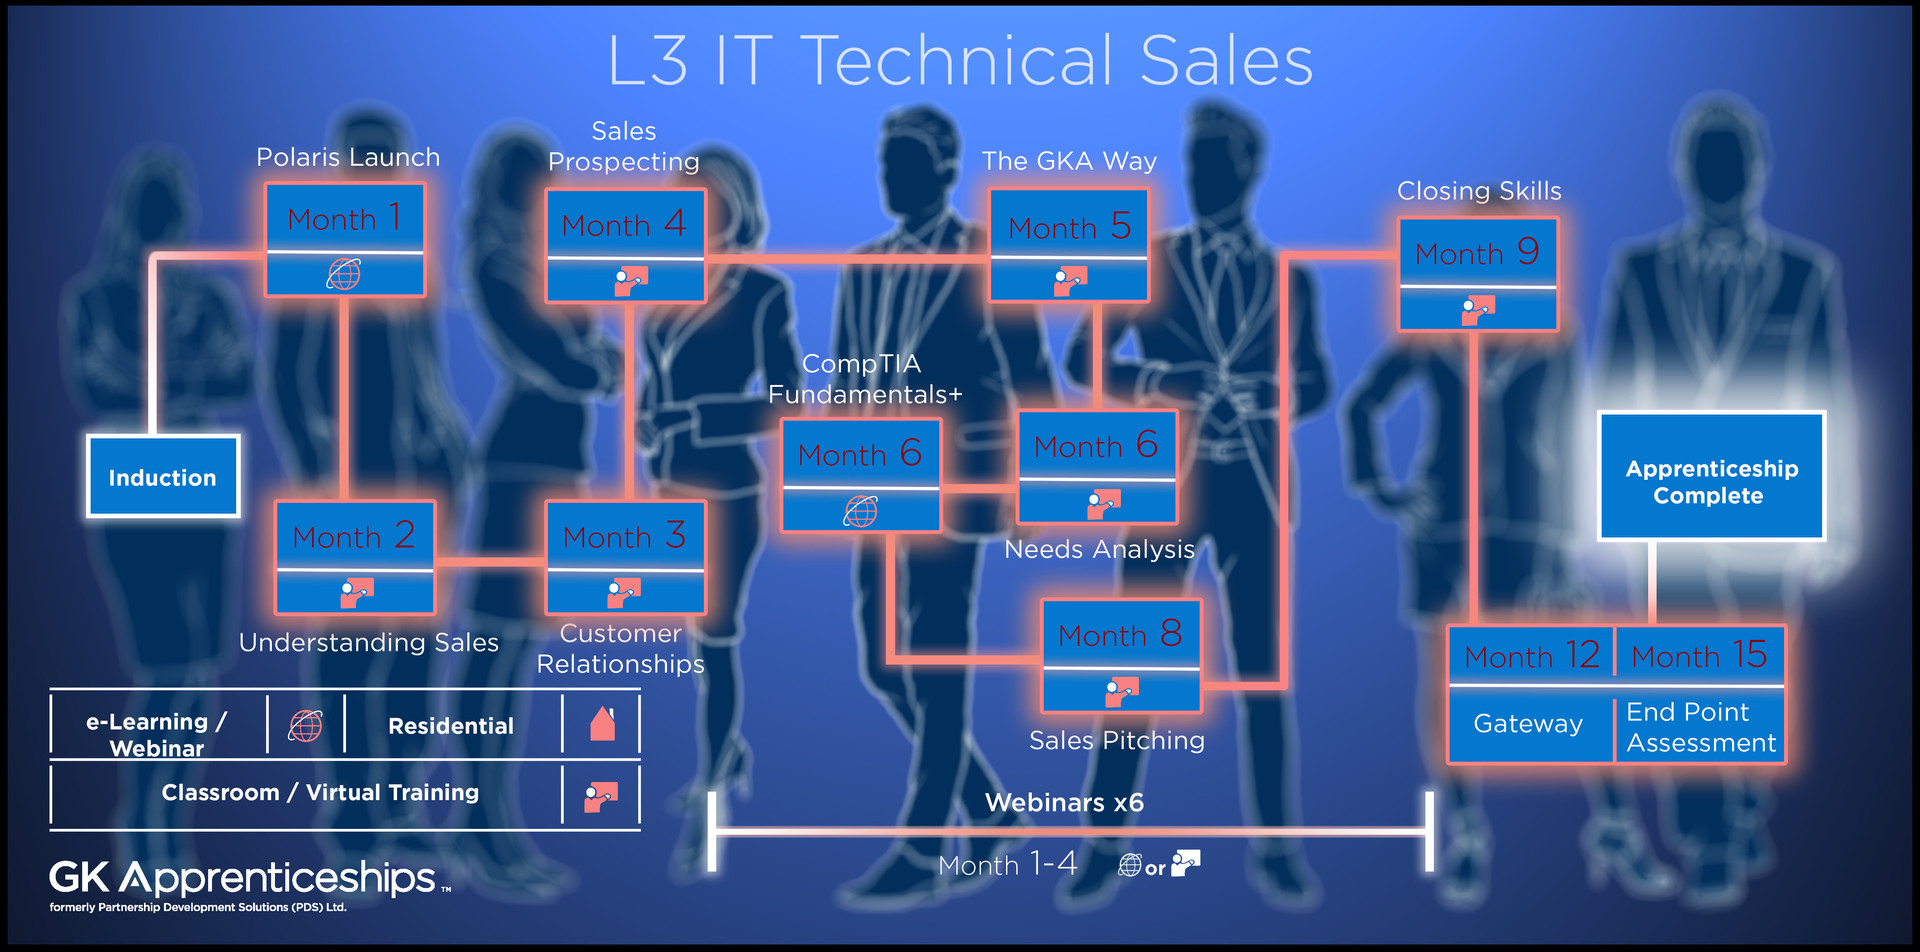 Management - L3 IT Technical Sales.jpg